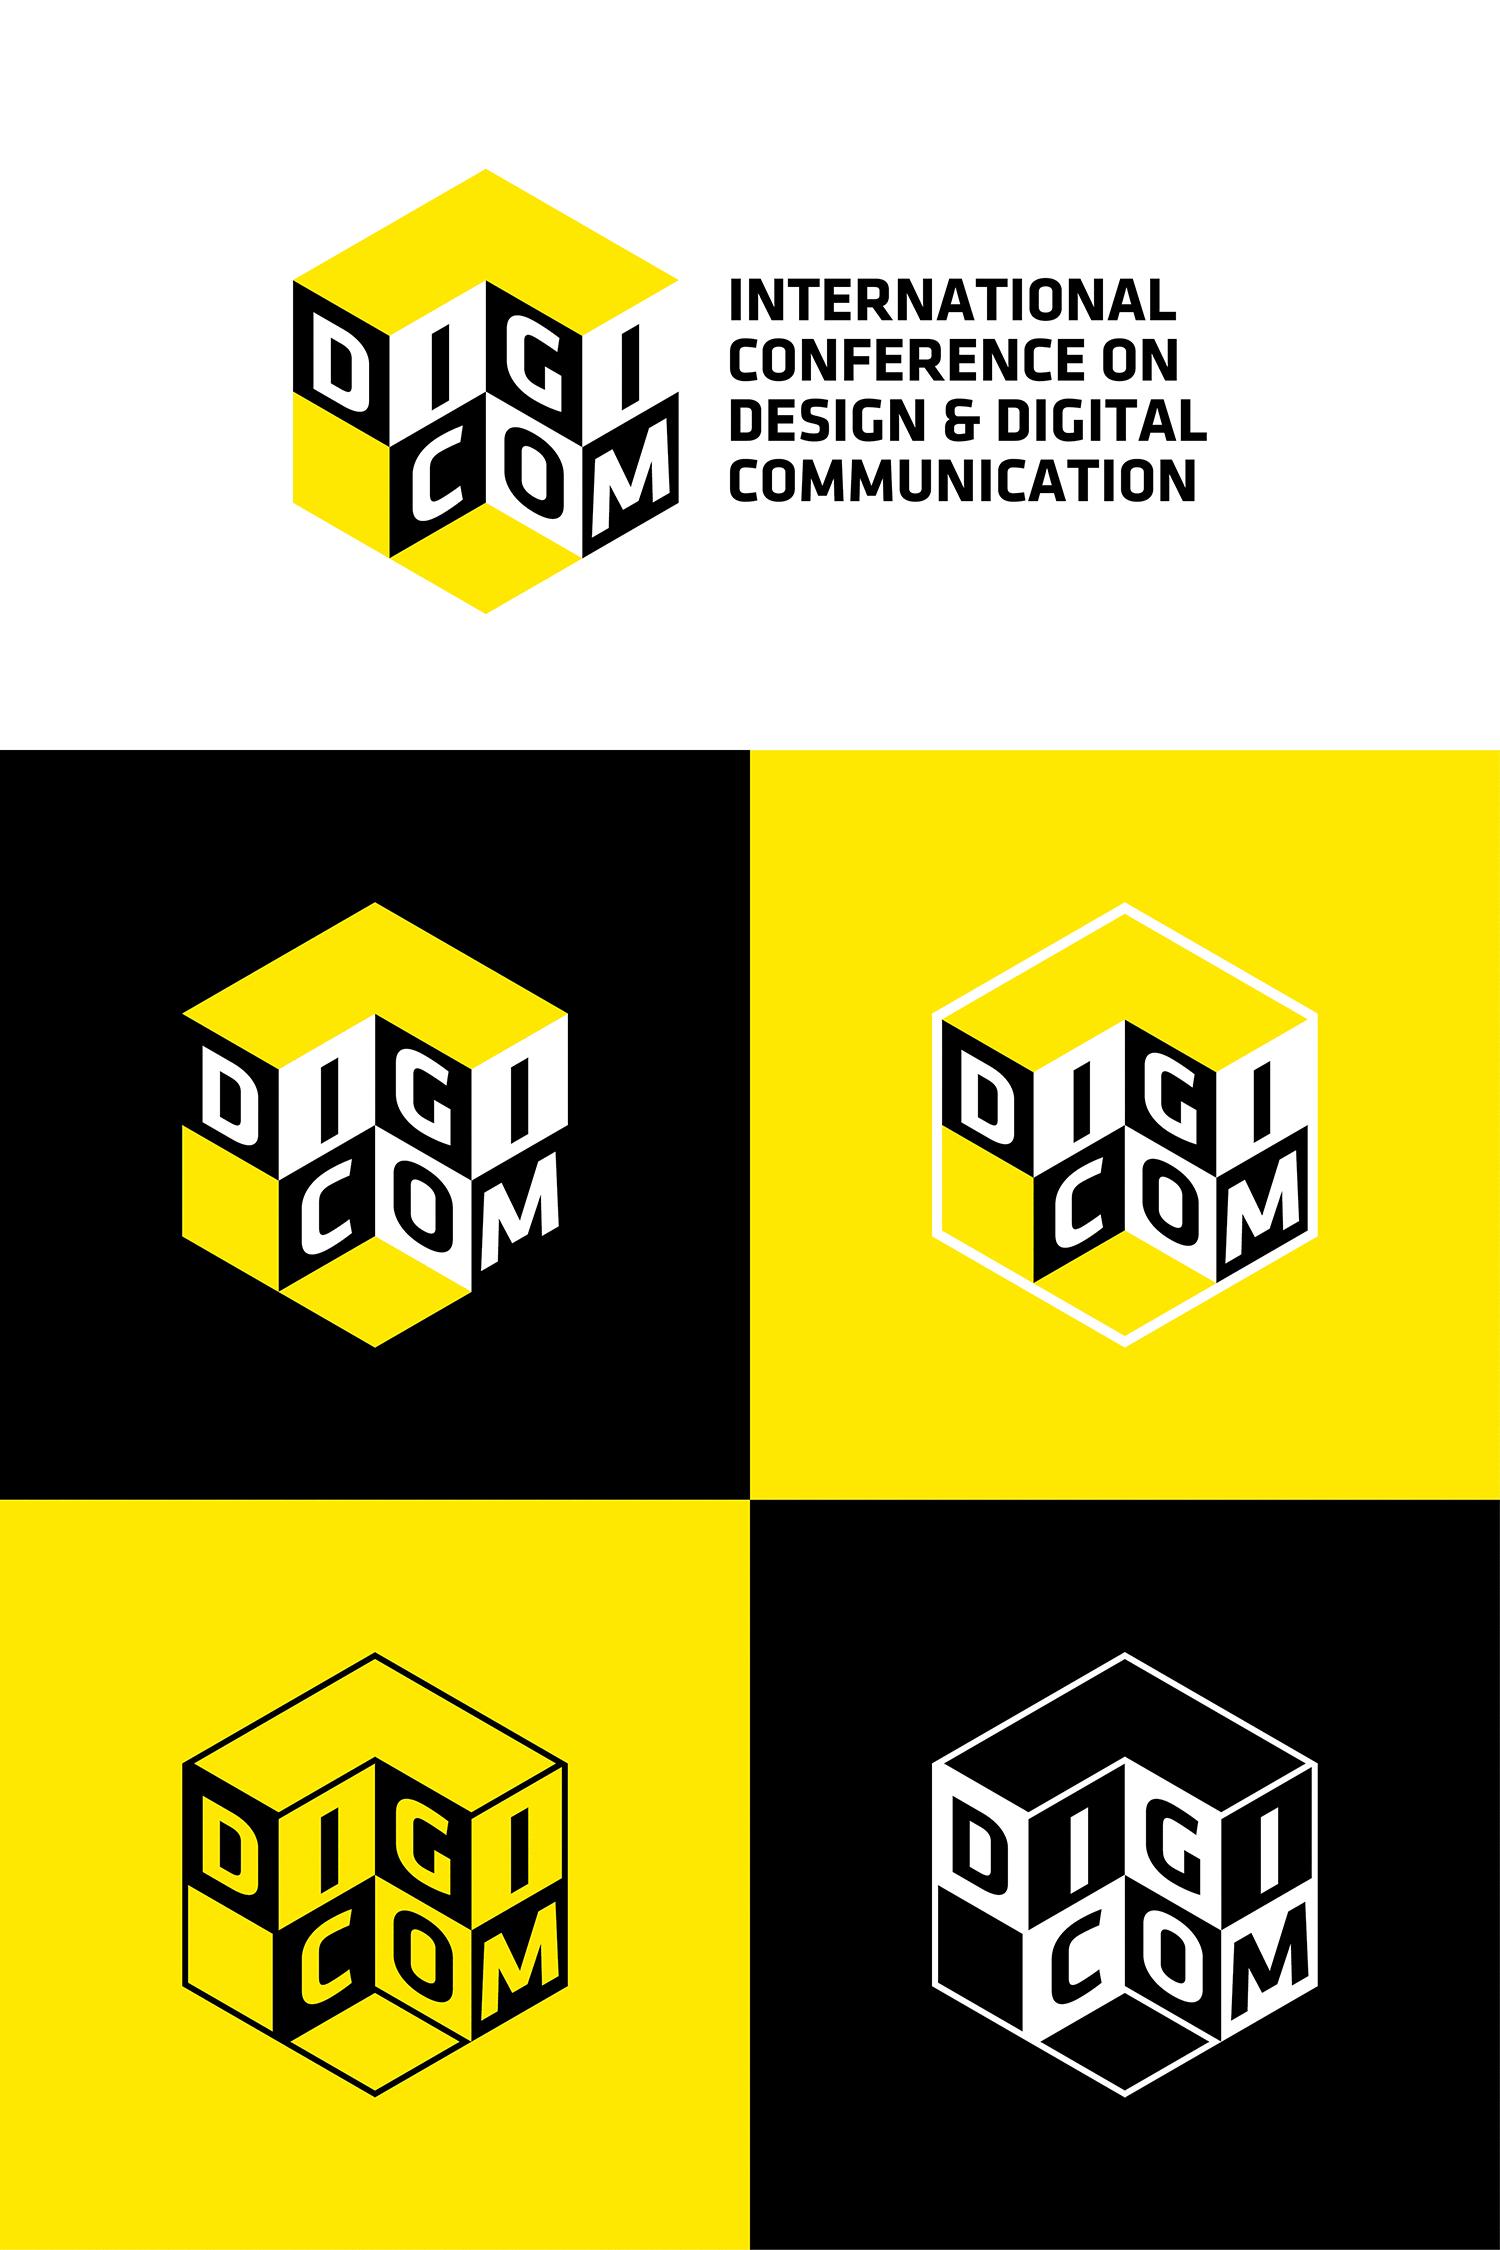 digicom-03